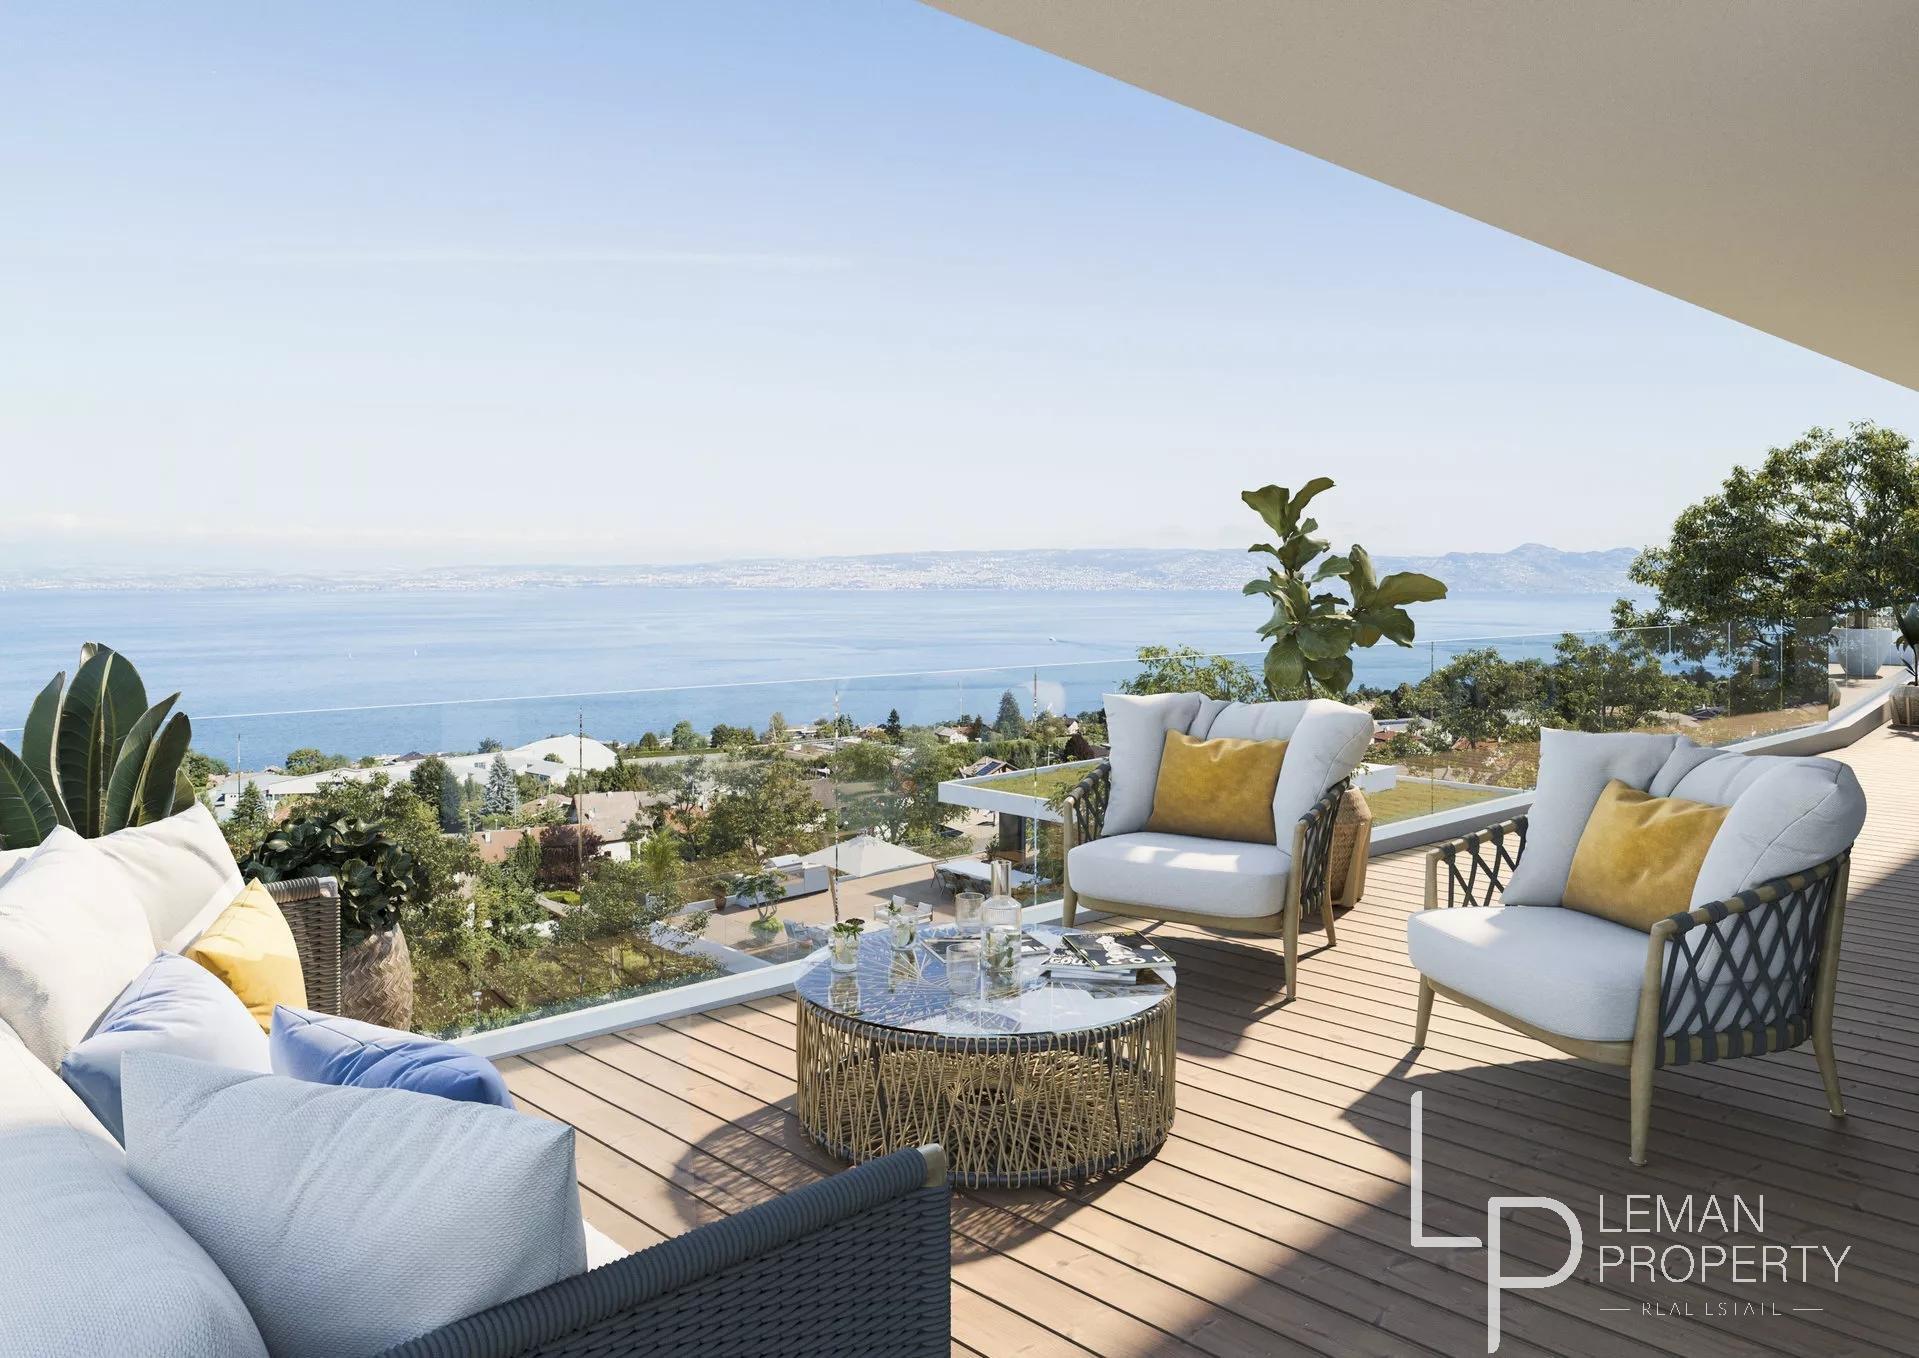 Vente de appartement à Évian-les-Bains au prix de 532700€